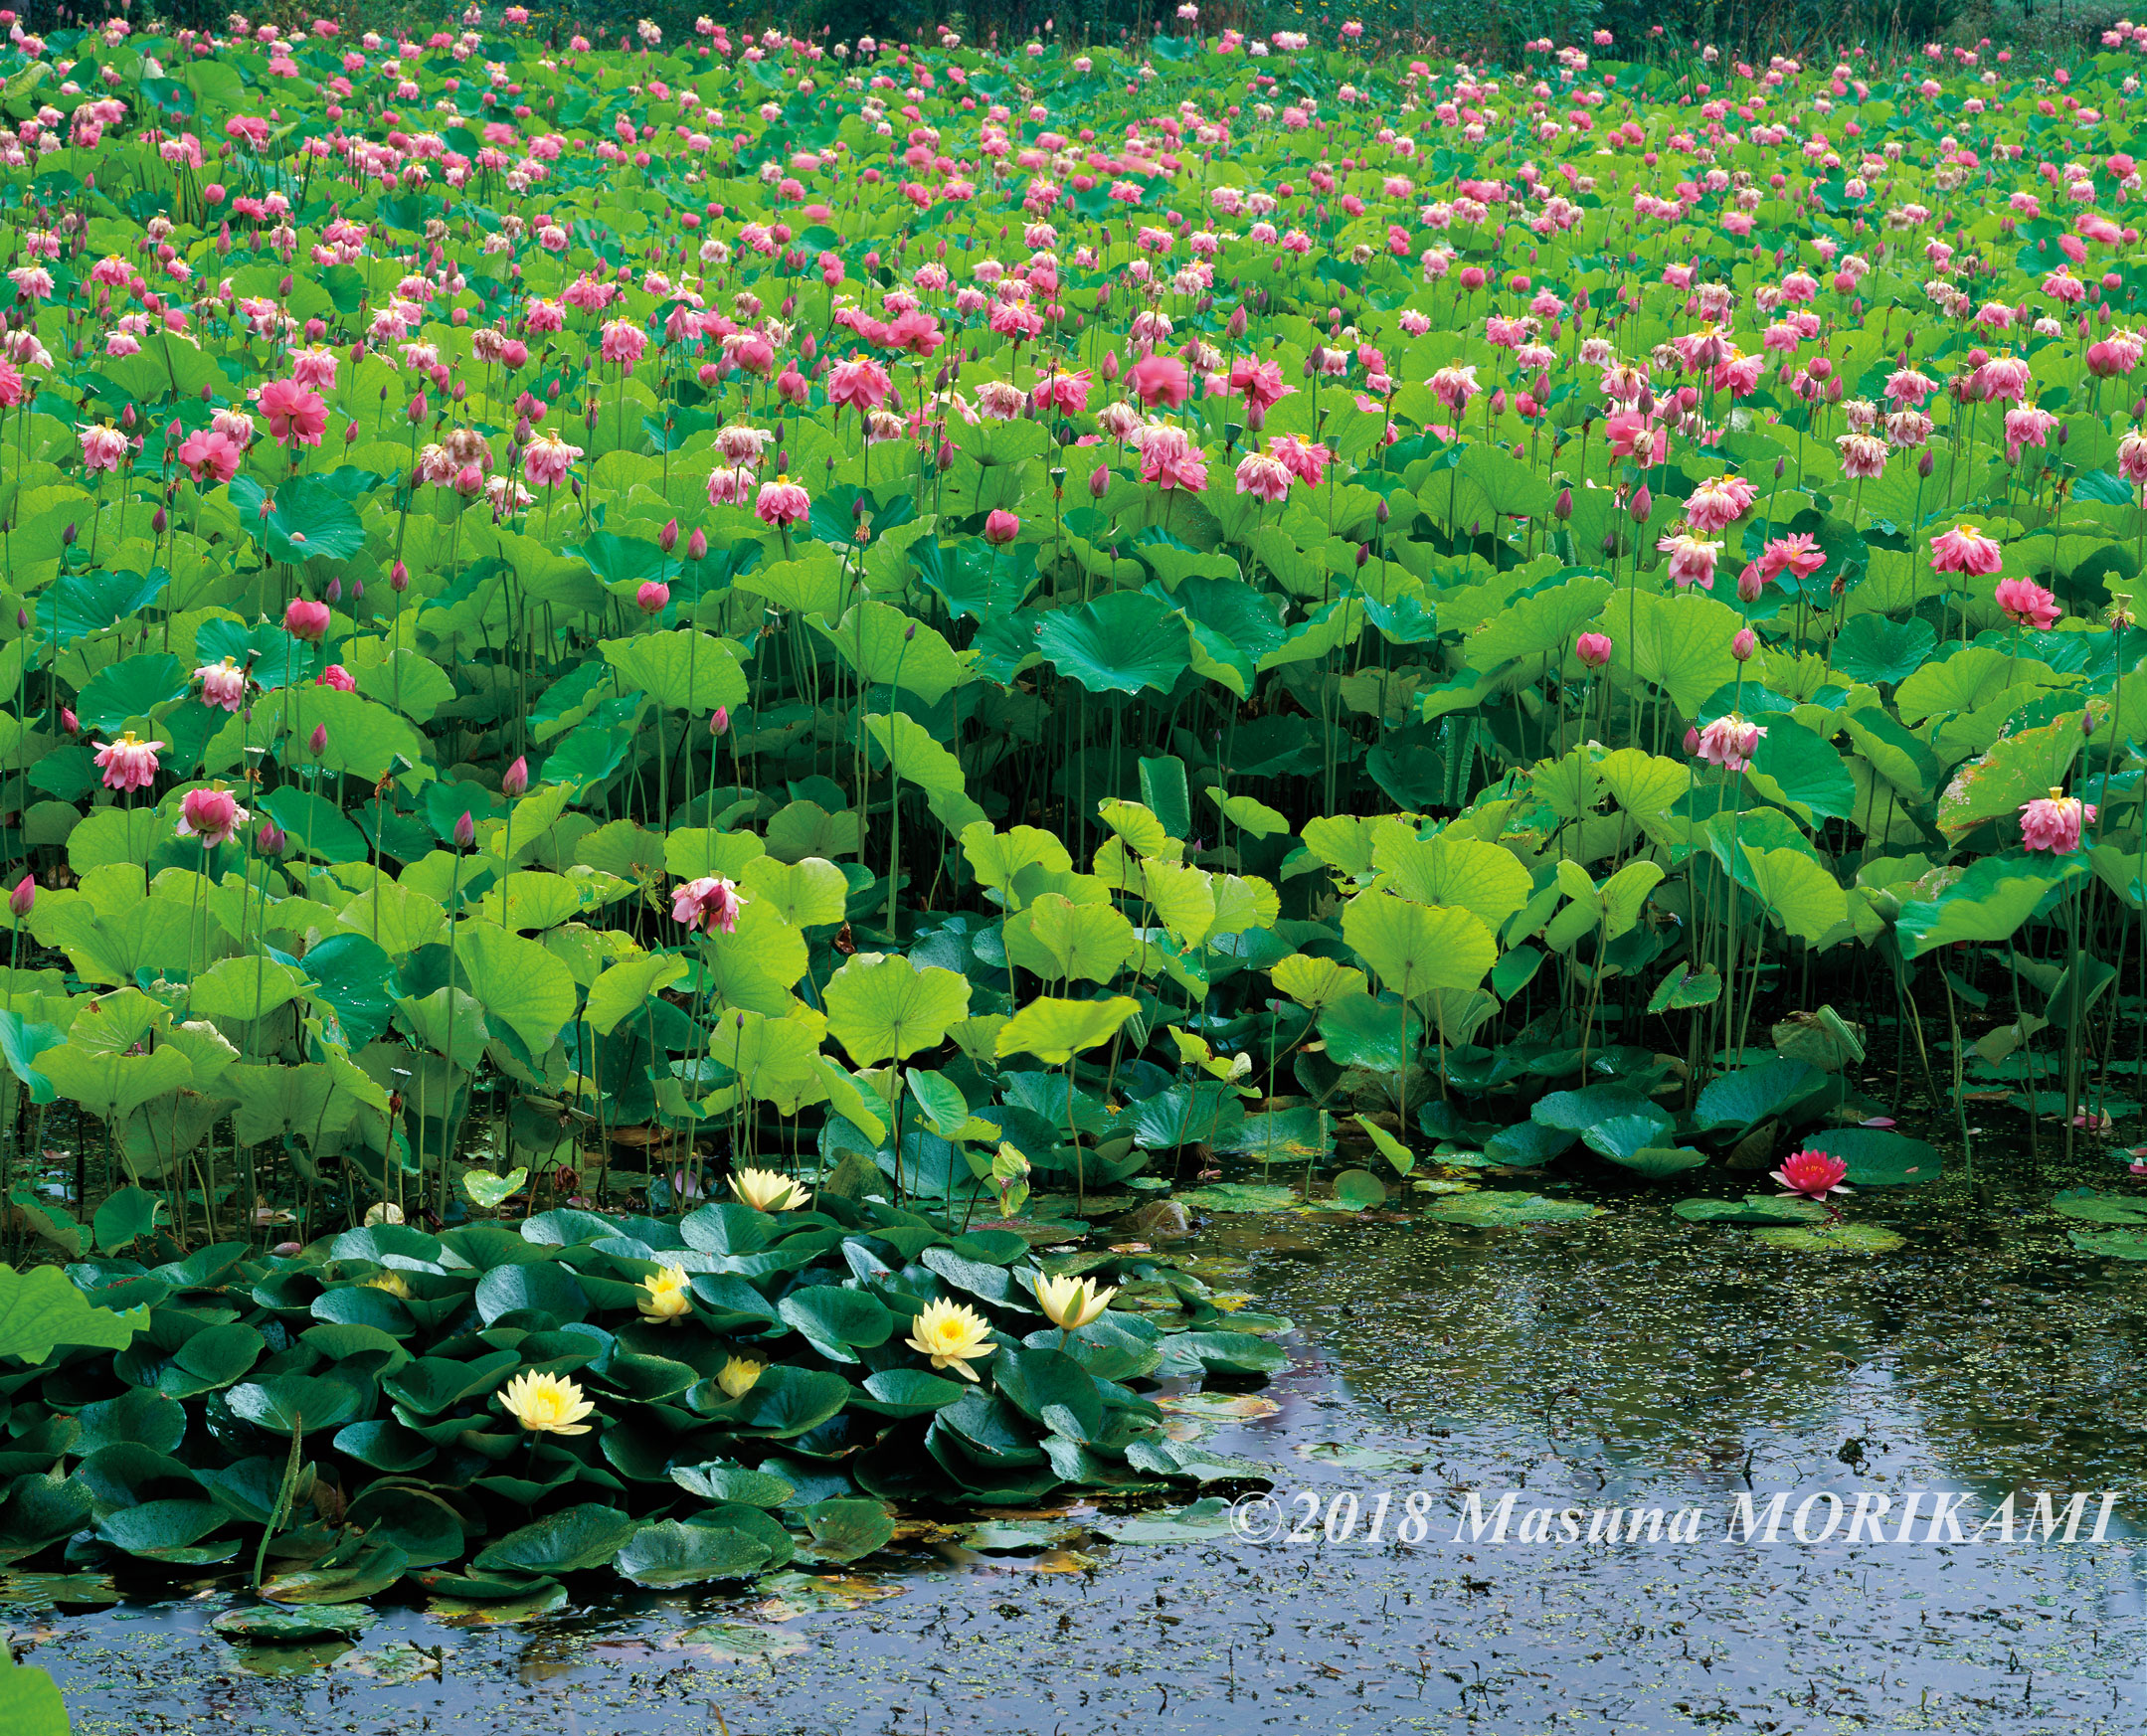 13 盛夏の蓮池/長野県売木村/2010.8.11 9:05